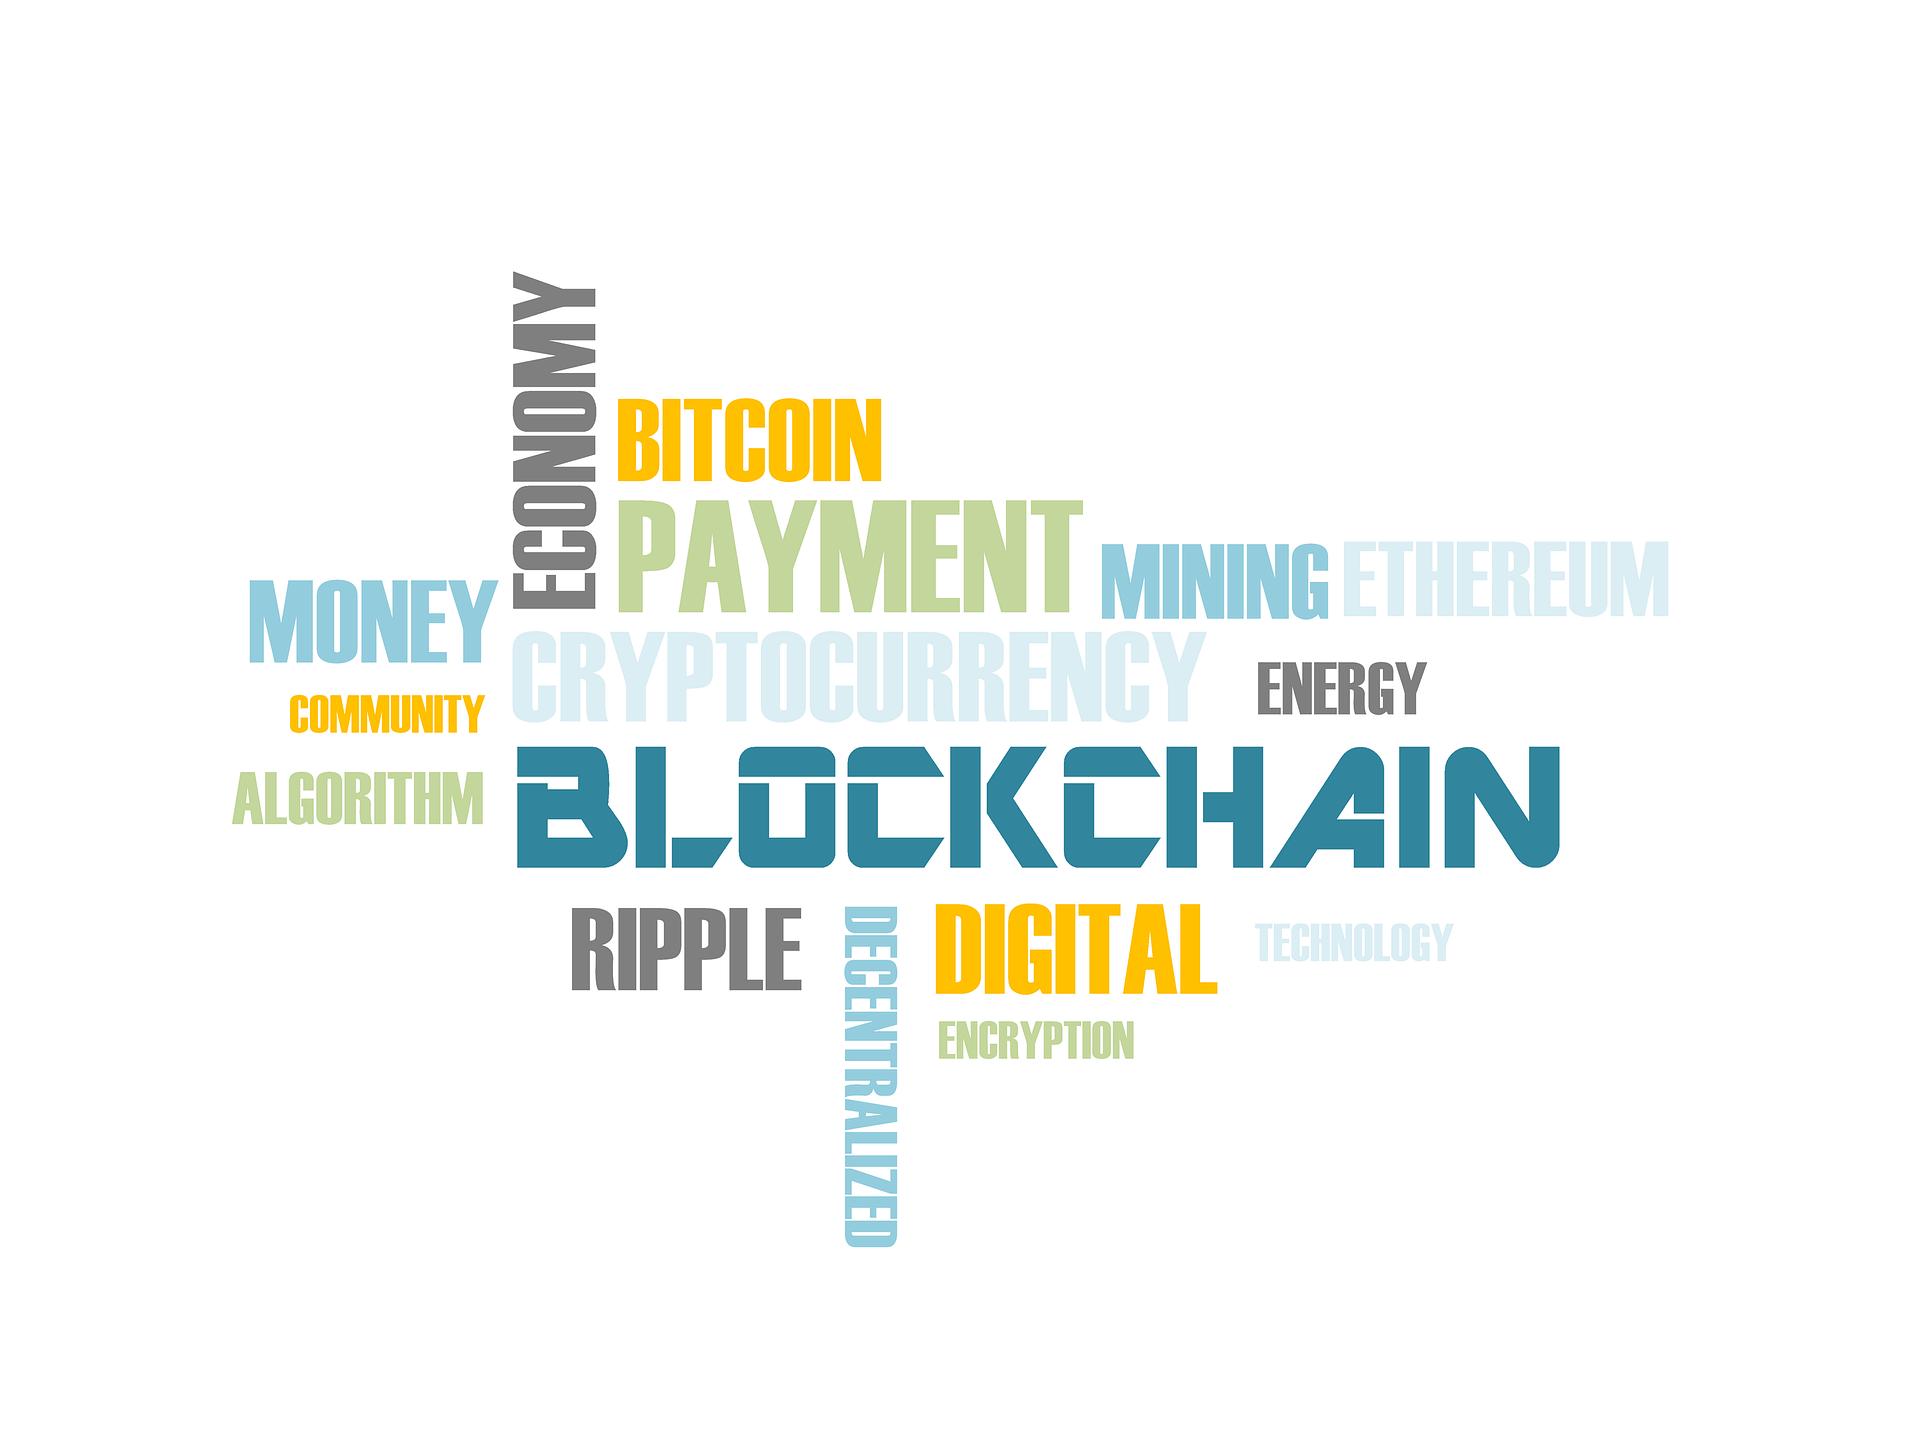 Kryptowährungen: Investieren und Geld verdienen - wie geht das?